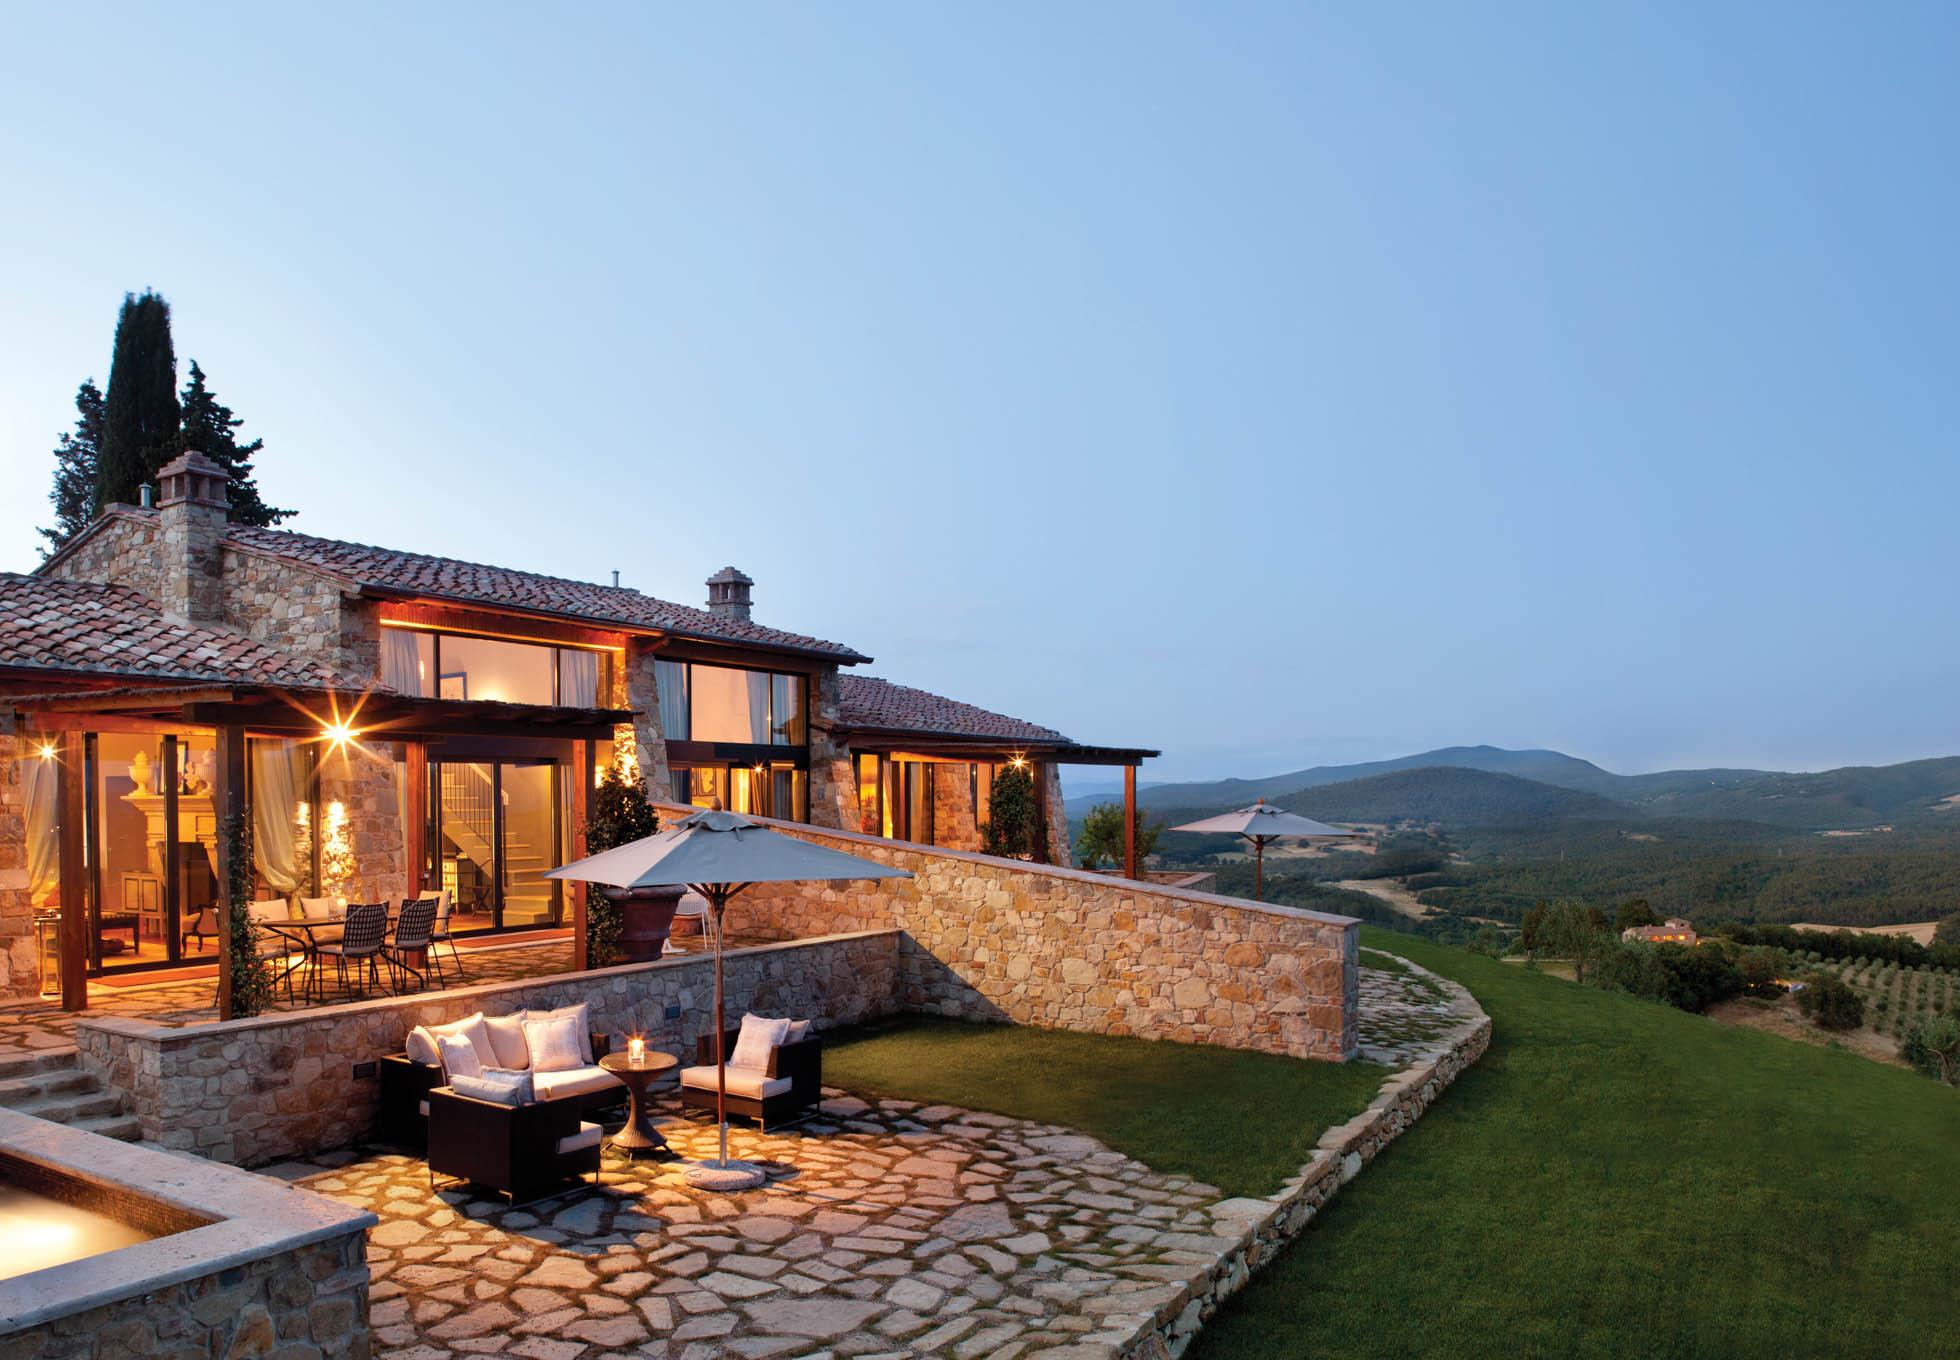 castello-di-casole-hotel-villa-scuola-exterior wide-_1960x1360.jpg